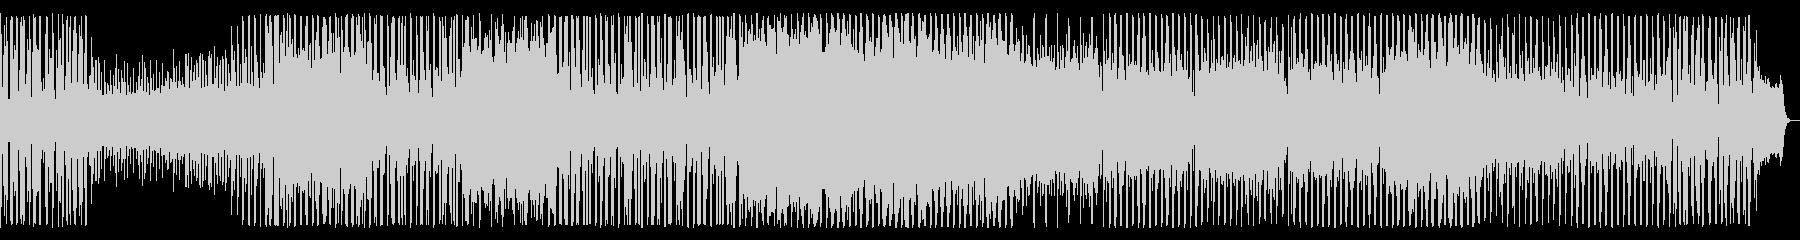 クールな印象のスローバラードの未再生の波形